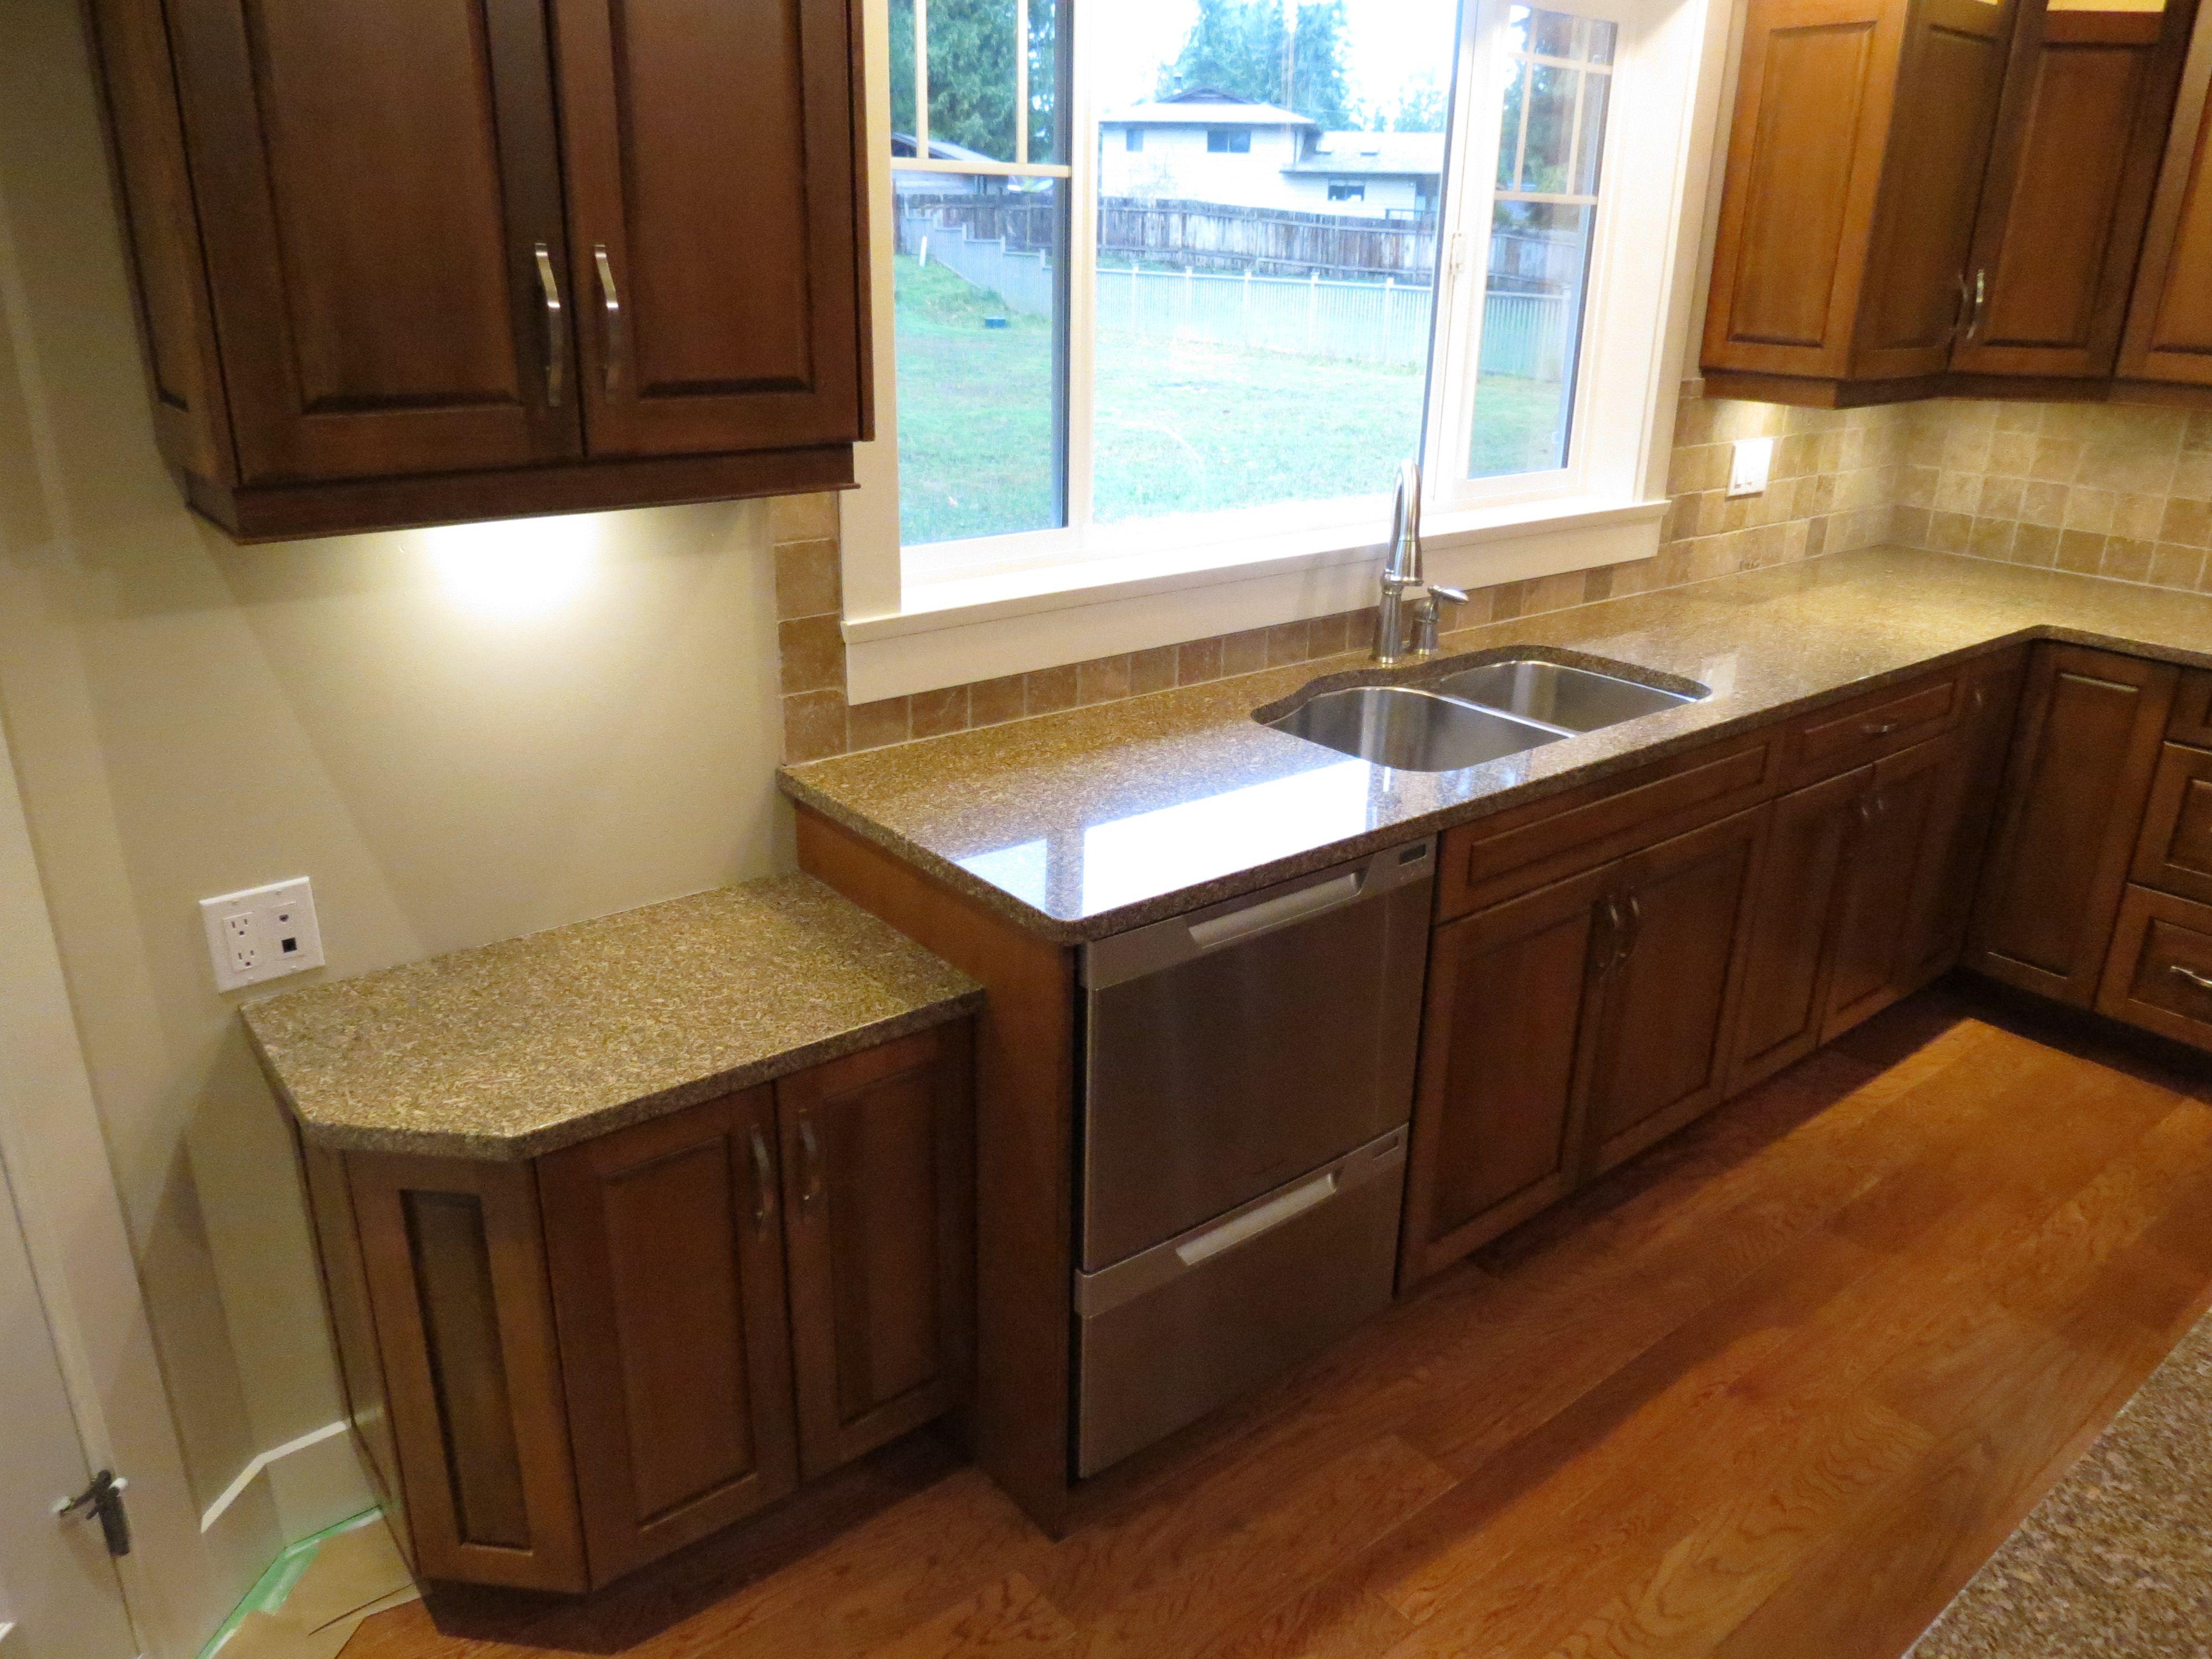 Superior Giallo Antico Granite Countertops